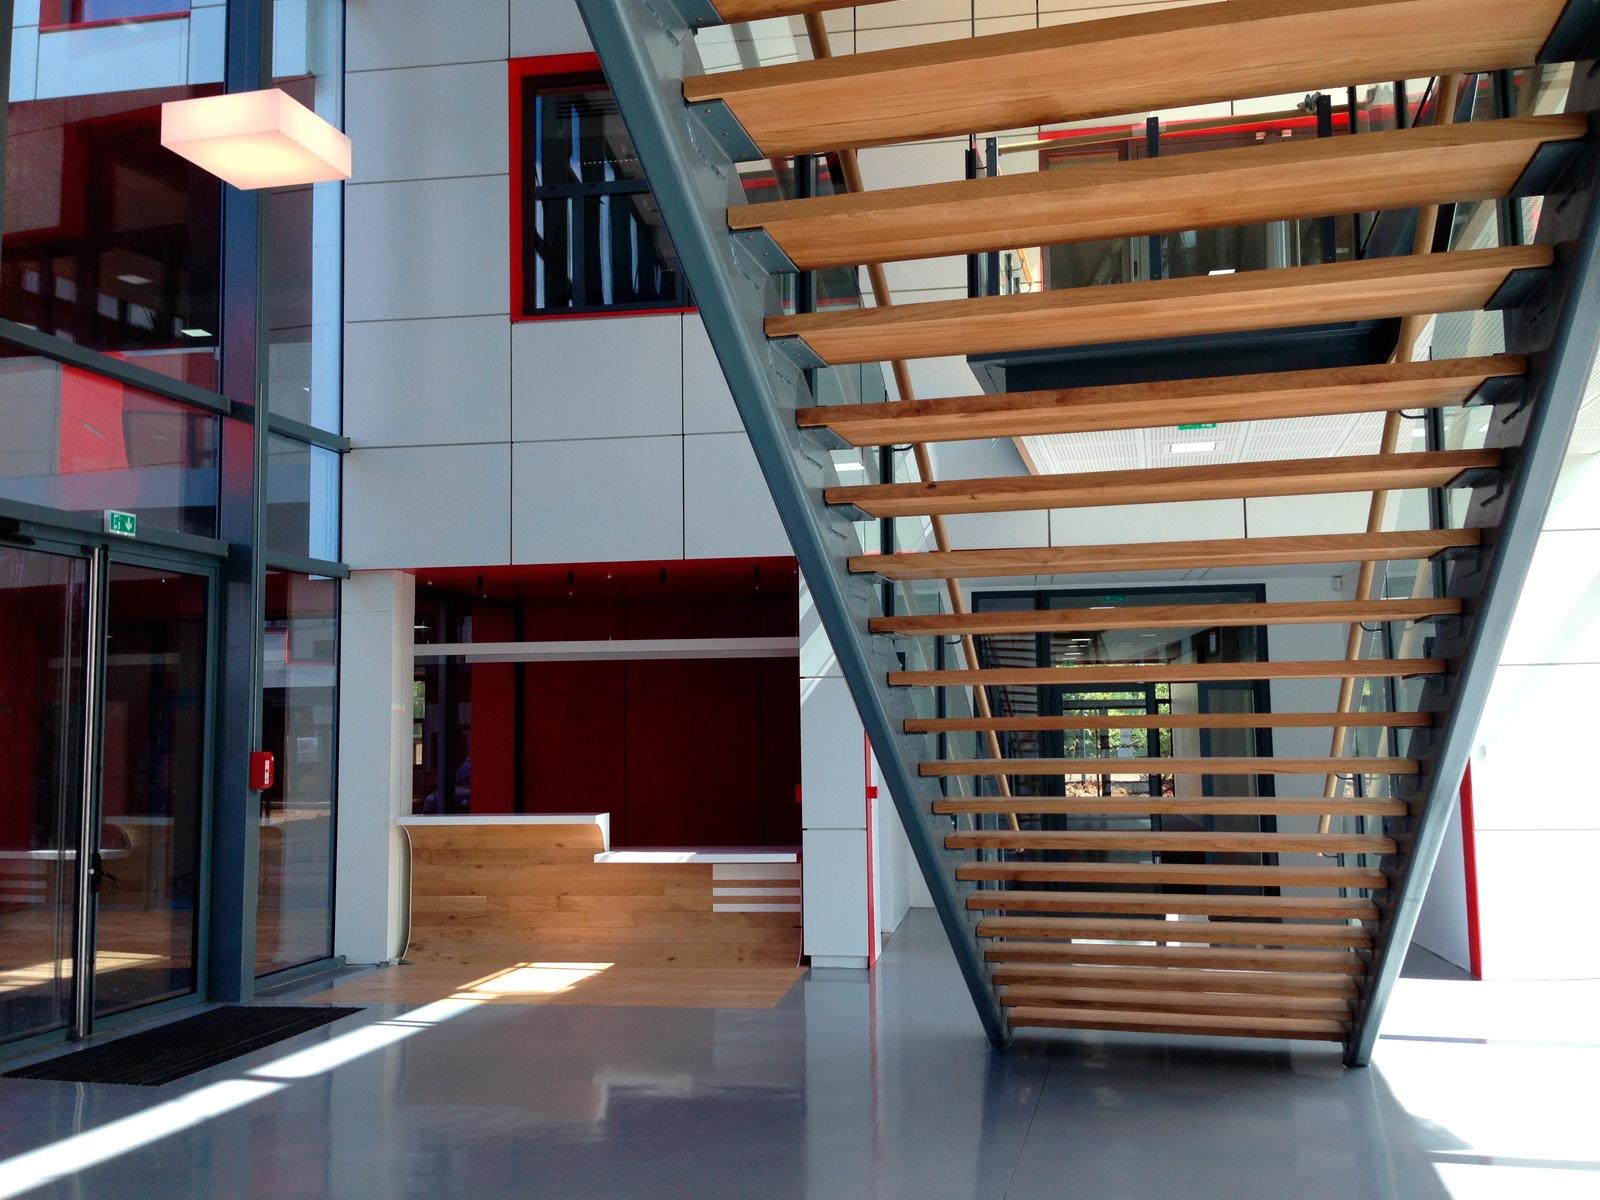 Siège Manitowoc - Dardilly - Z Architecture